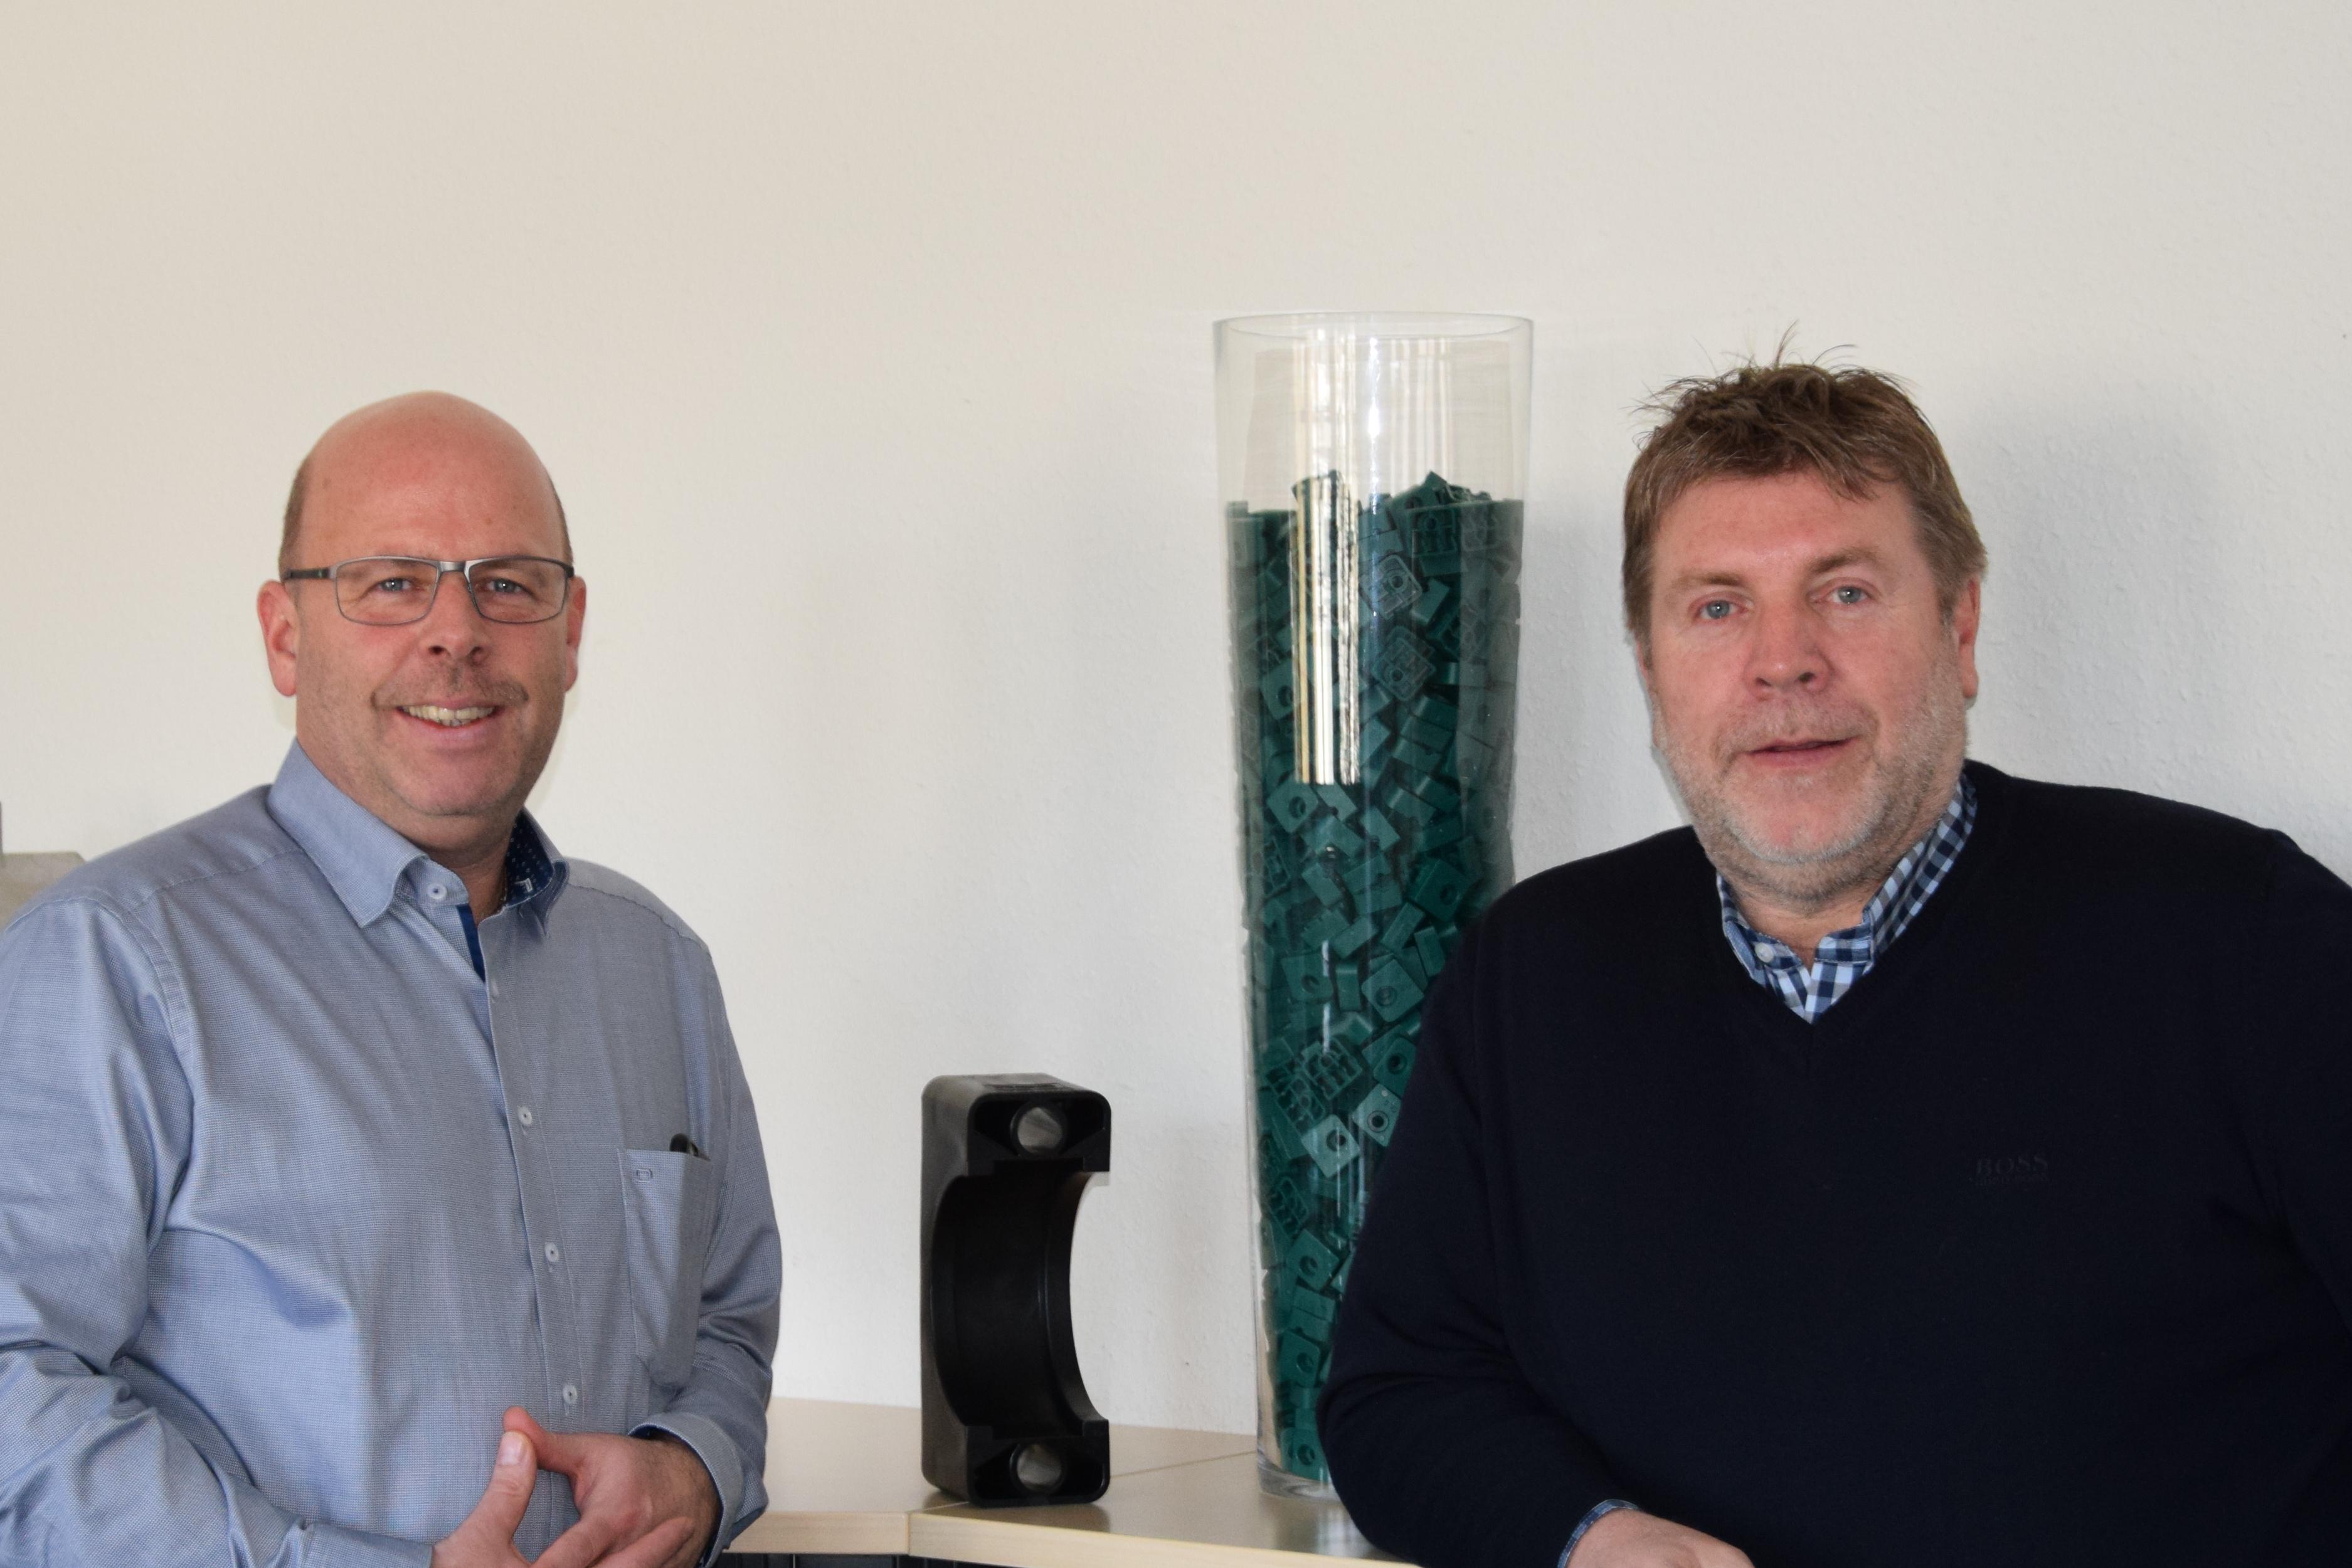 IT-Leiter Peter Schatz und Geschäftsführer Wolfgang Schatz (v.l.n.r.)